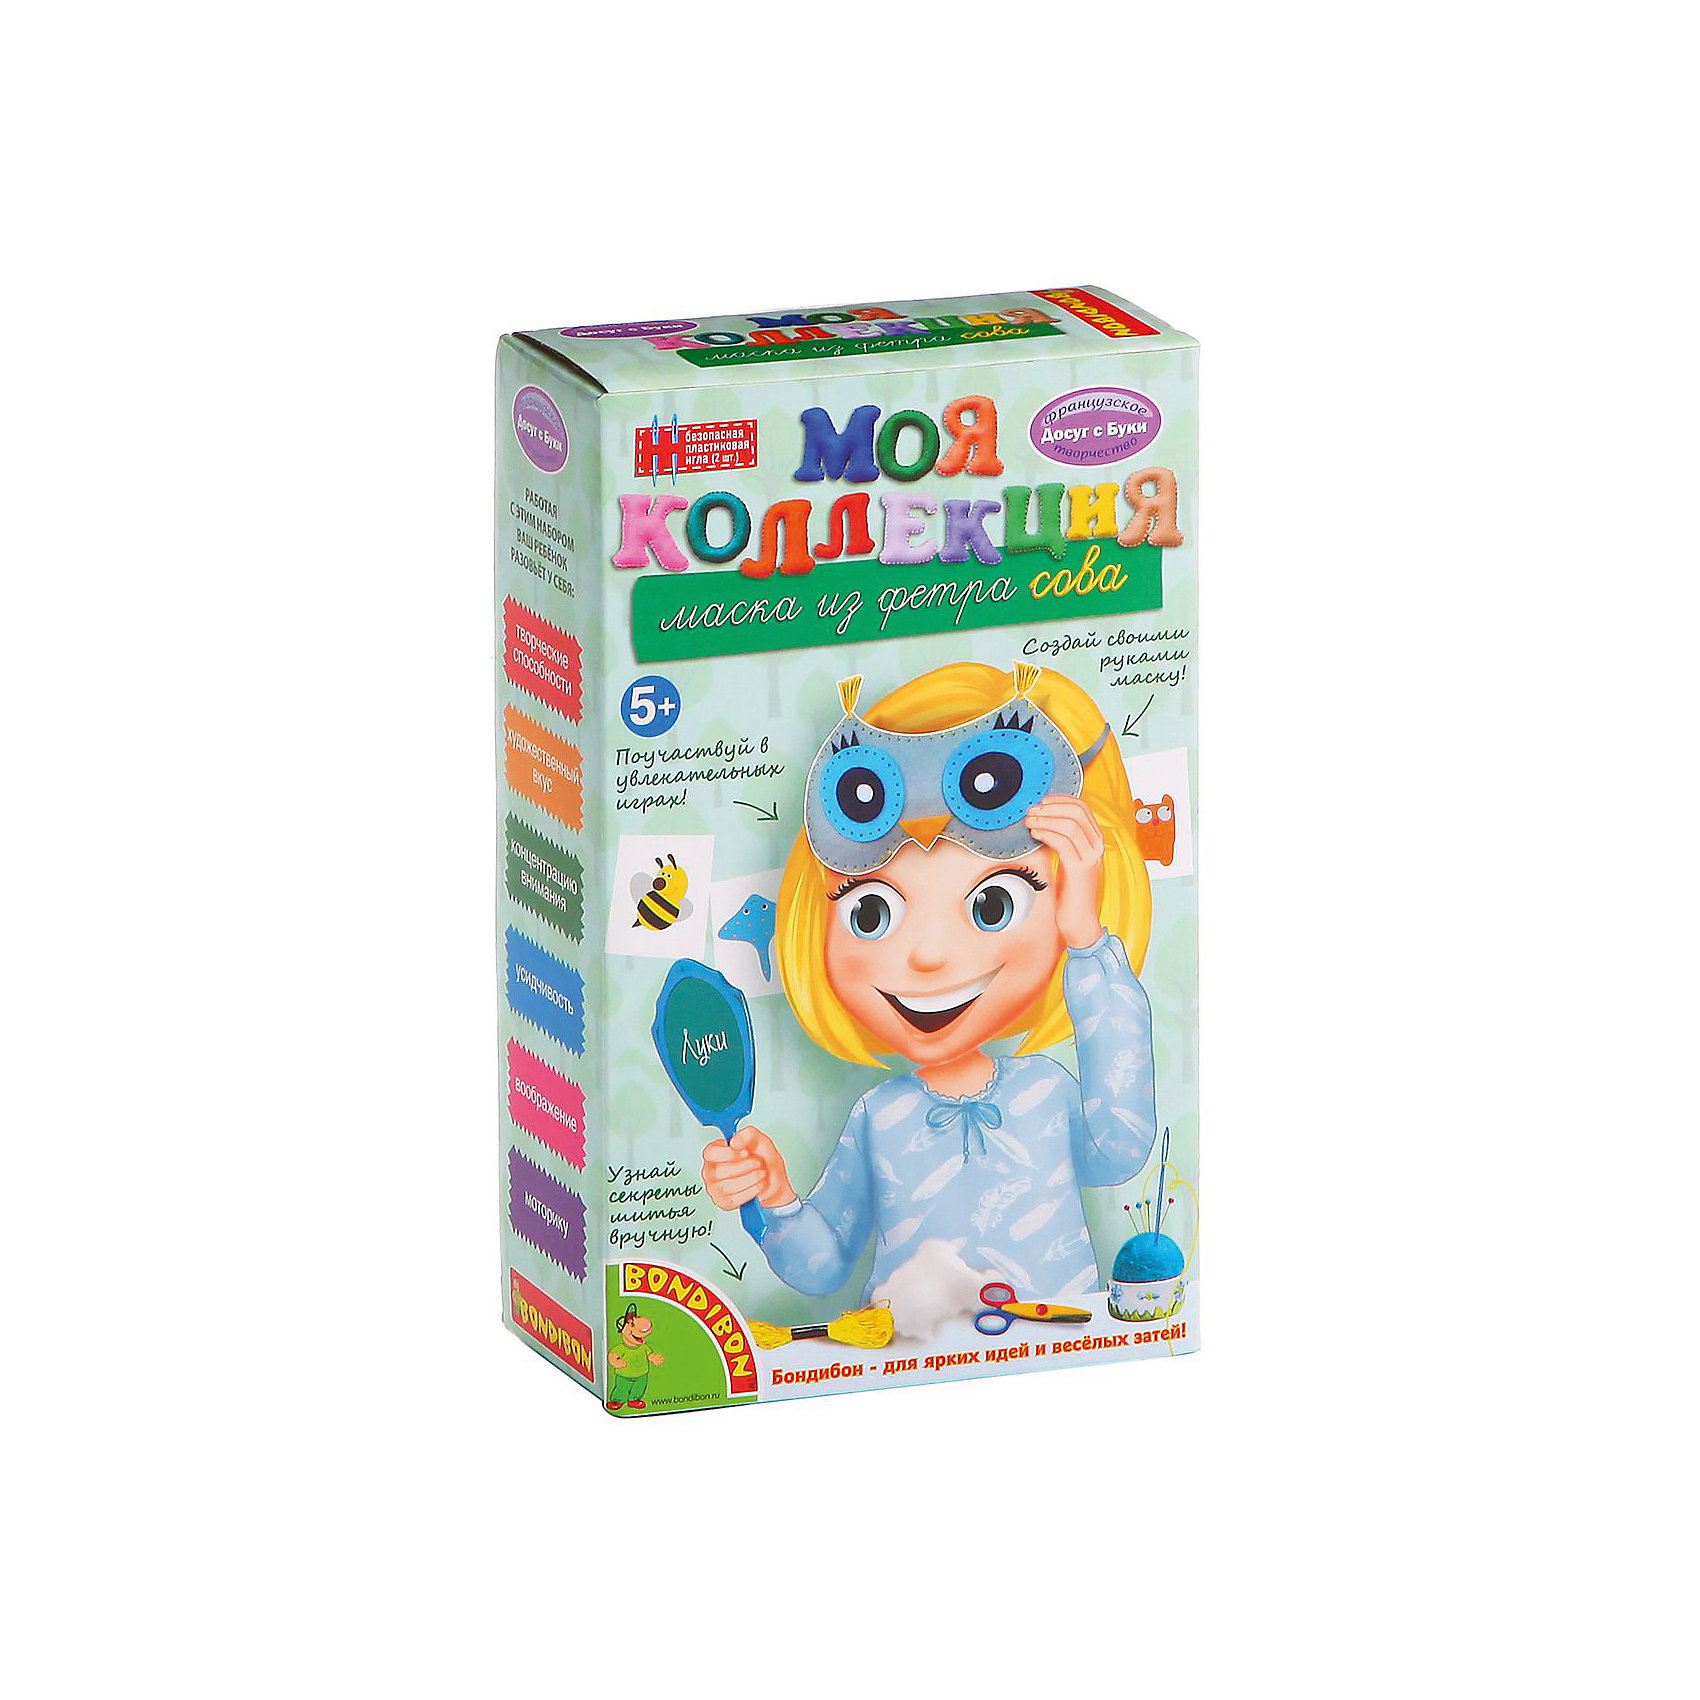 Шьем из фетра Маска СоваШьем из фетра Маска Сова – легко даже для новичков.<br>Набор содержит приятные на ощупь выкройки для игрушки. Ткань изготовлена из качественного материала, не вызывающего аллергию. Подробная инструкция поможет ребенку сшить игрушку красиво и правильно, даже если он делает это впервые. <br><br>Дополнительная информация:<br><br>- возраст: от 5 лет<br>- материал: фетр, наполнитель, нитки, иголка, инструкция<br>- игрушка: маска сова<br><br>Шьем из фетра Маска Сова можно купить в нашем интернет магазине.<br><br>Ширина мм: 13<br>Глубина мм: 6<br>Высота мм: 21<br>Вес г: 138<br>Возраст от месяцев: 60<br>Возраст до месяцев: 144<br>Пол: Женский<br>Возраст: Детский<br>SKU: 4993110